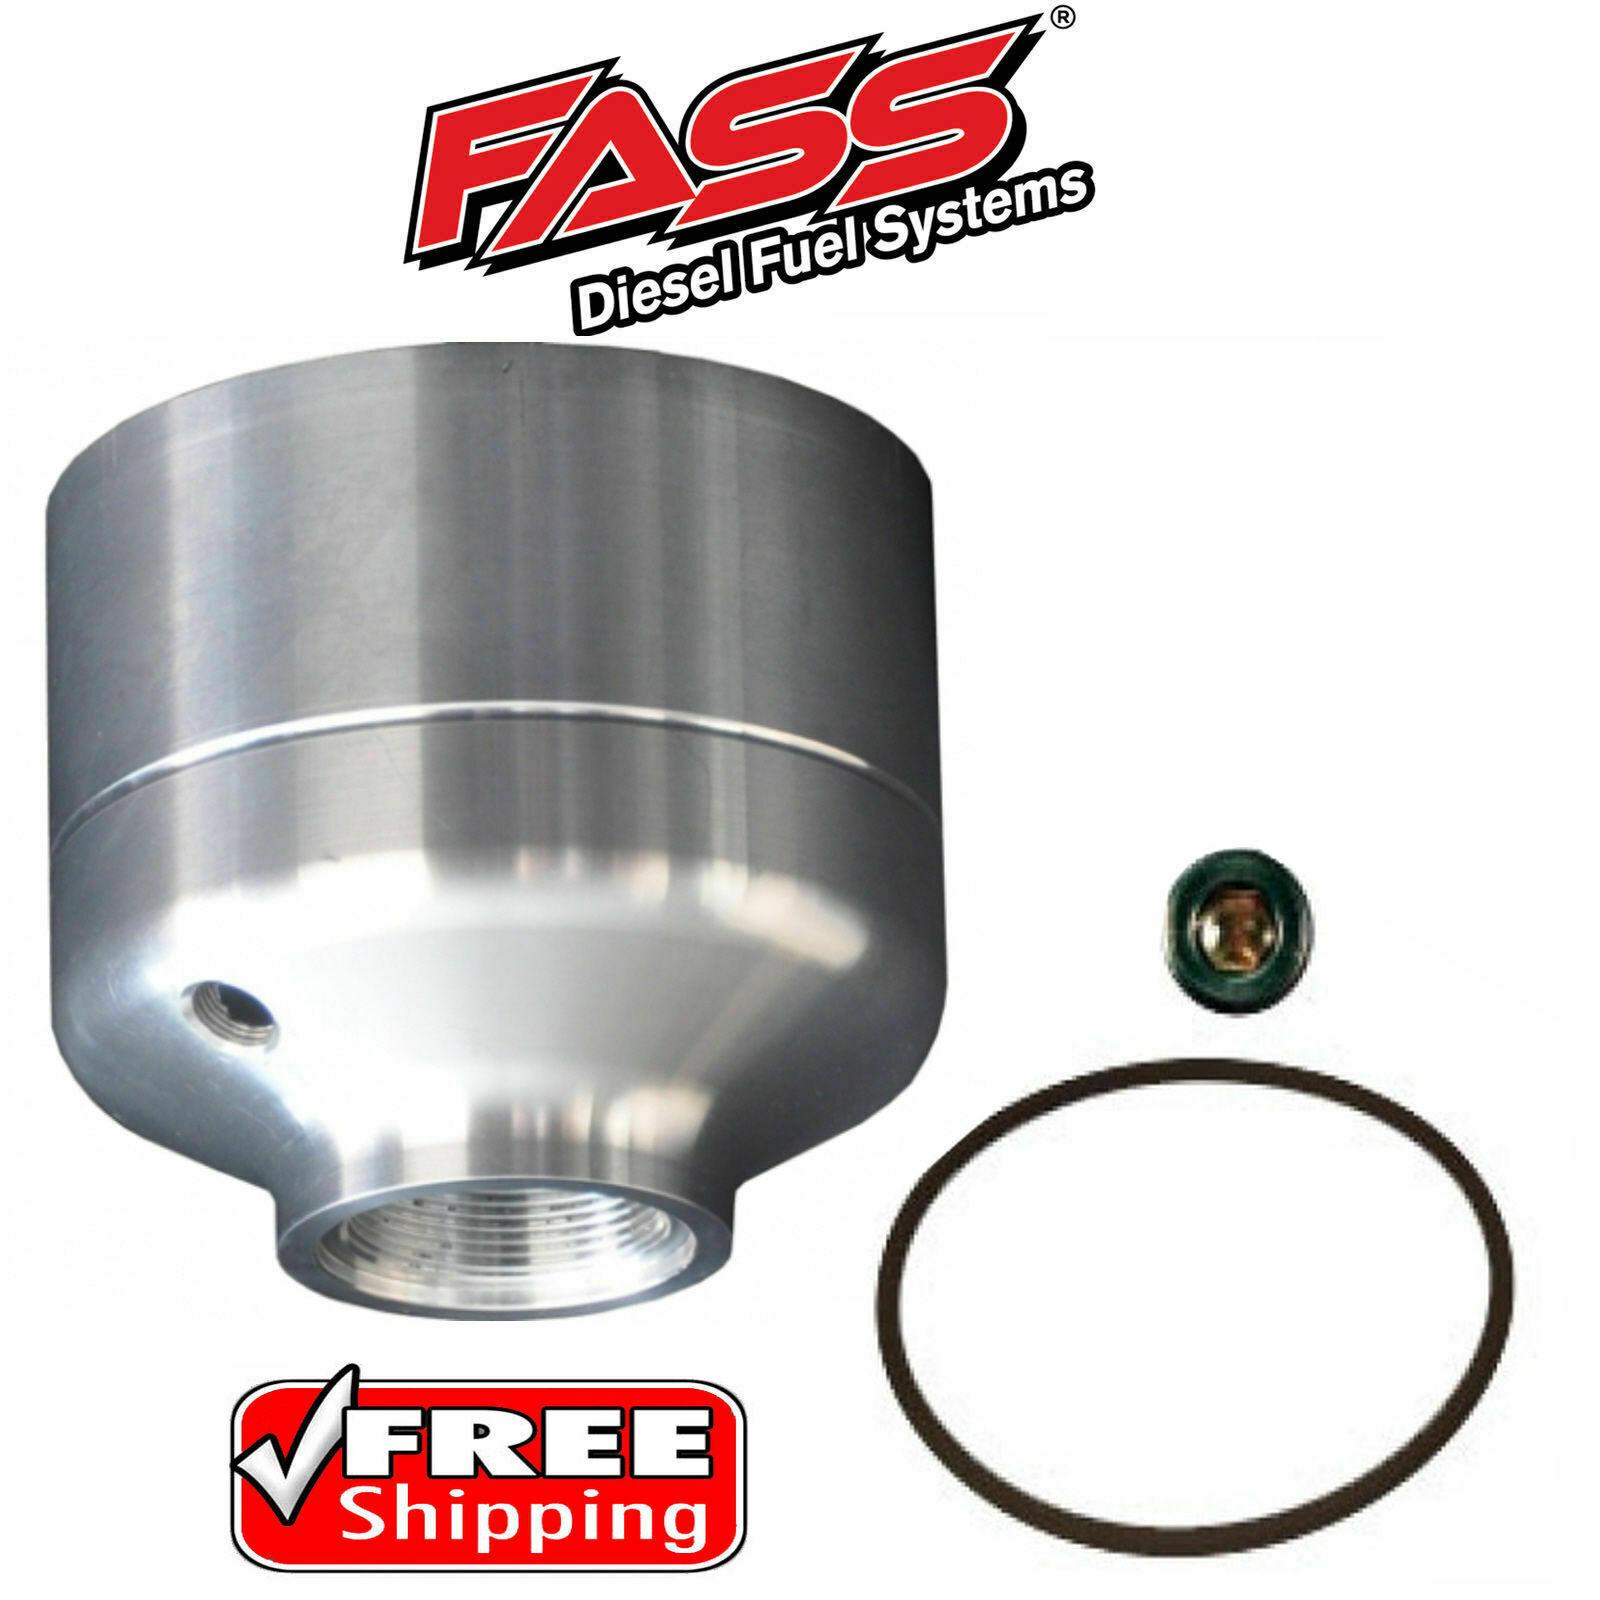 Fuel Filter Delete Kit Canister for 2001-2012 6.6L LB7 LLY LBZ LMM LML